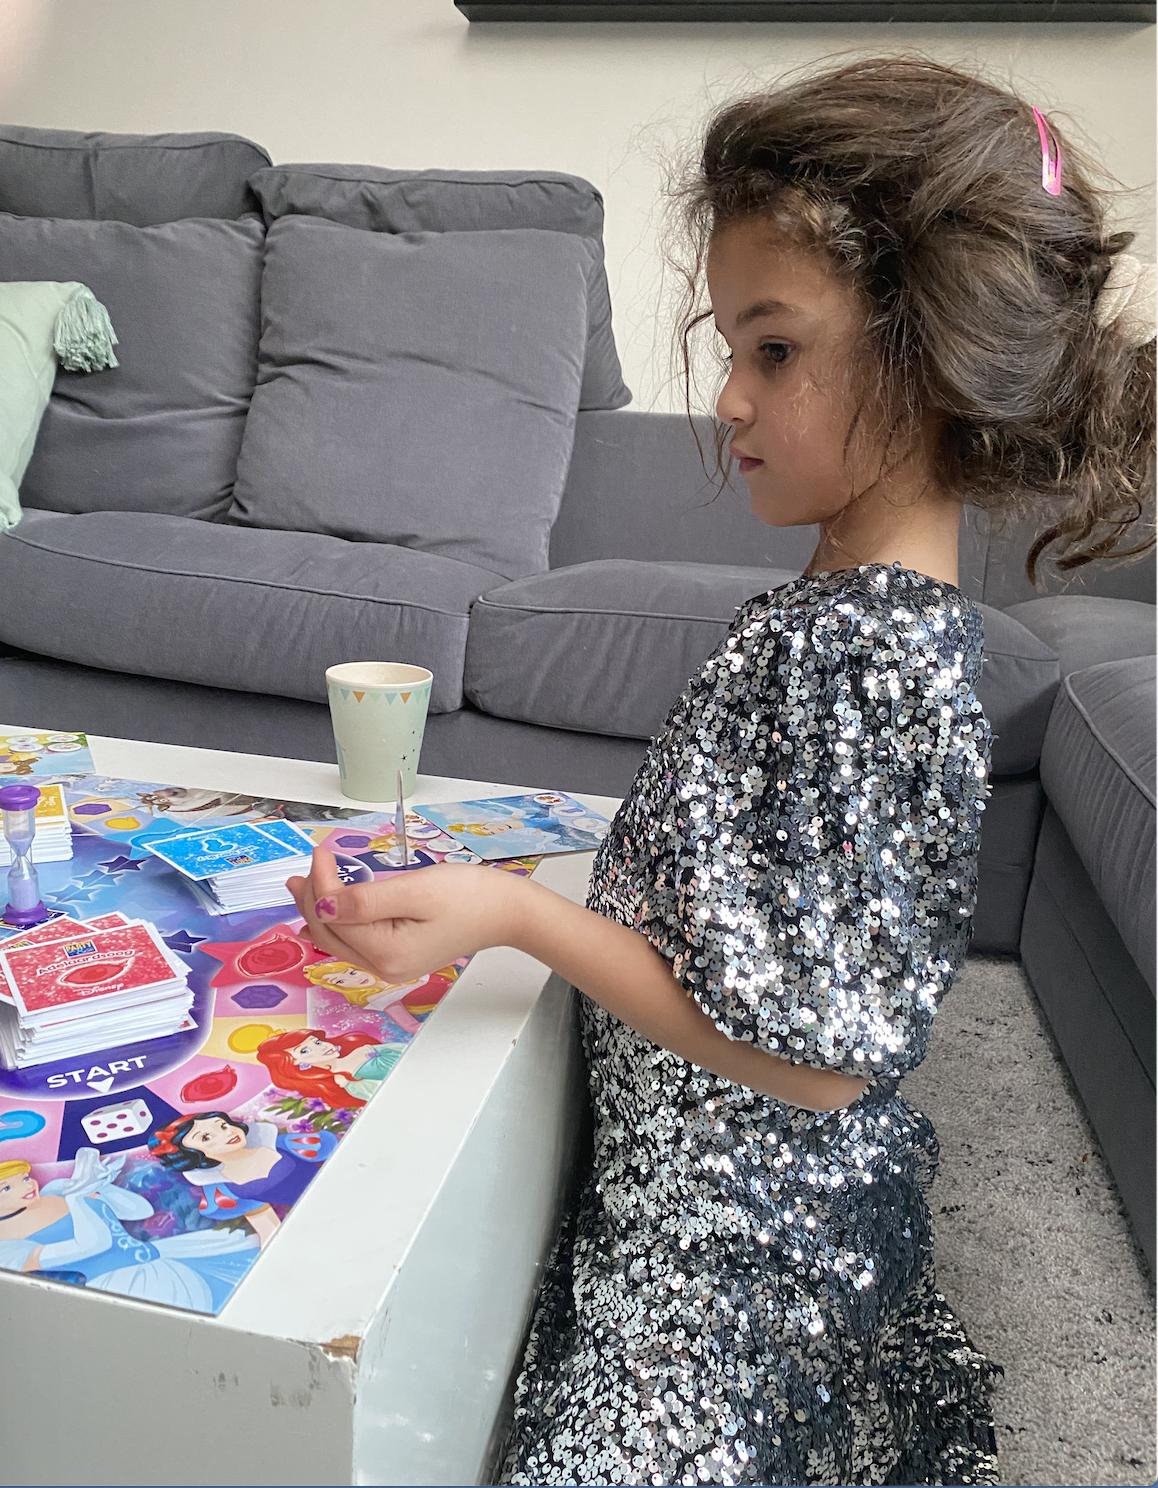 We hebben weer een ultieme speelgoedtip: Party & Co Disney Princess. Leuk om samen te spelen en aan iemand cadeau te geven!